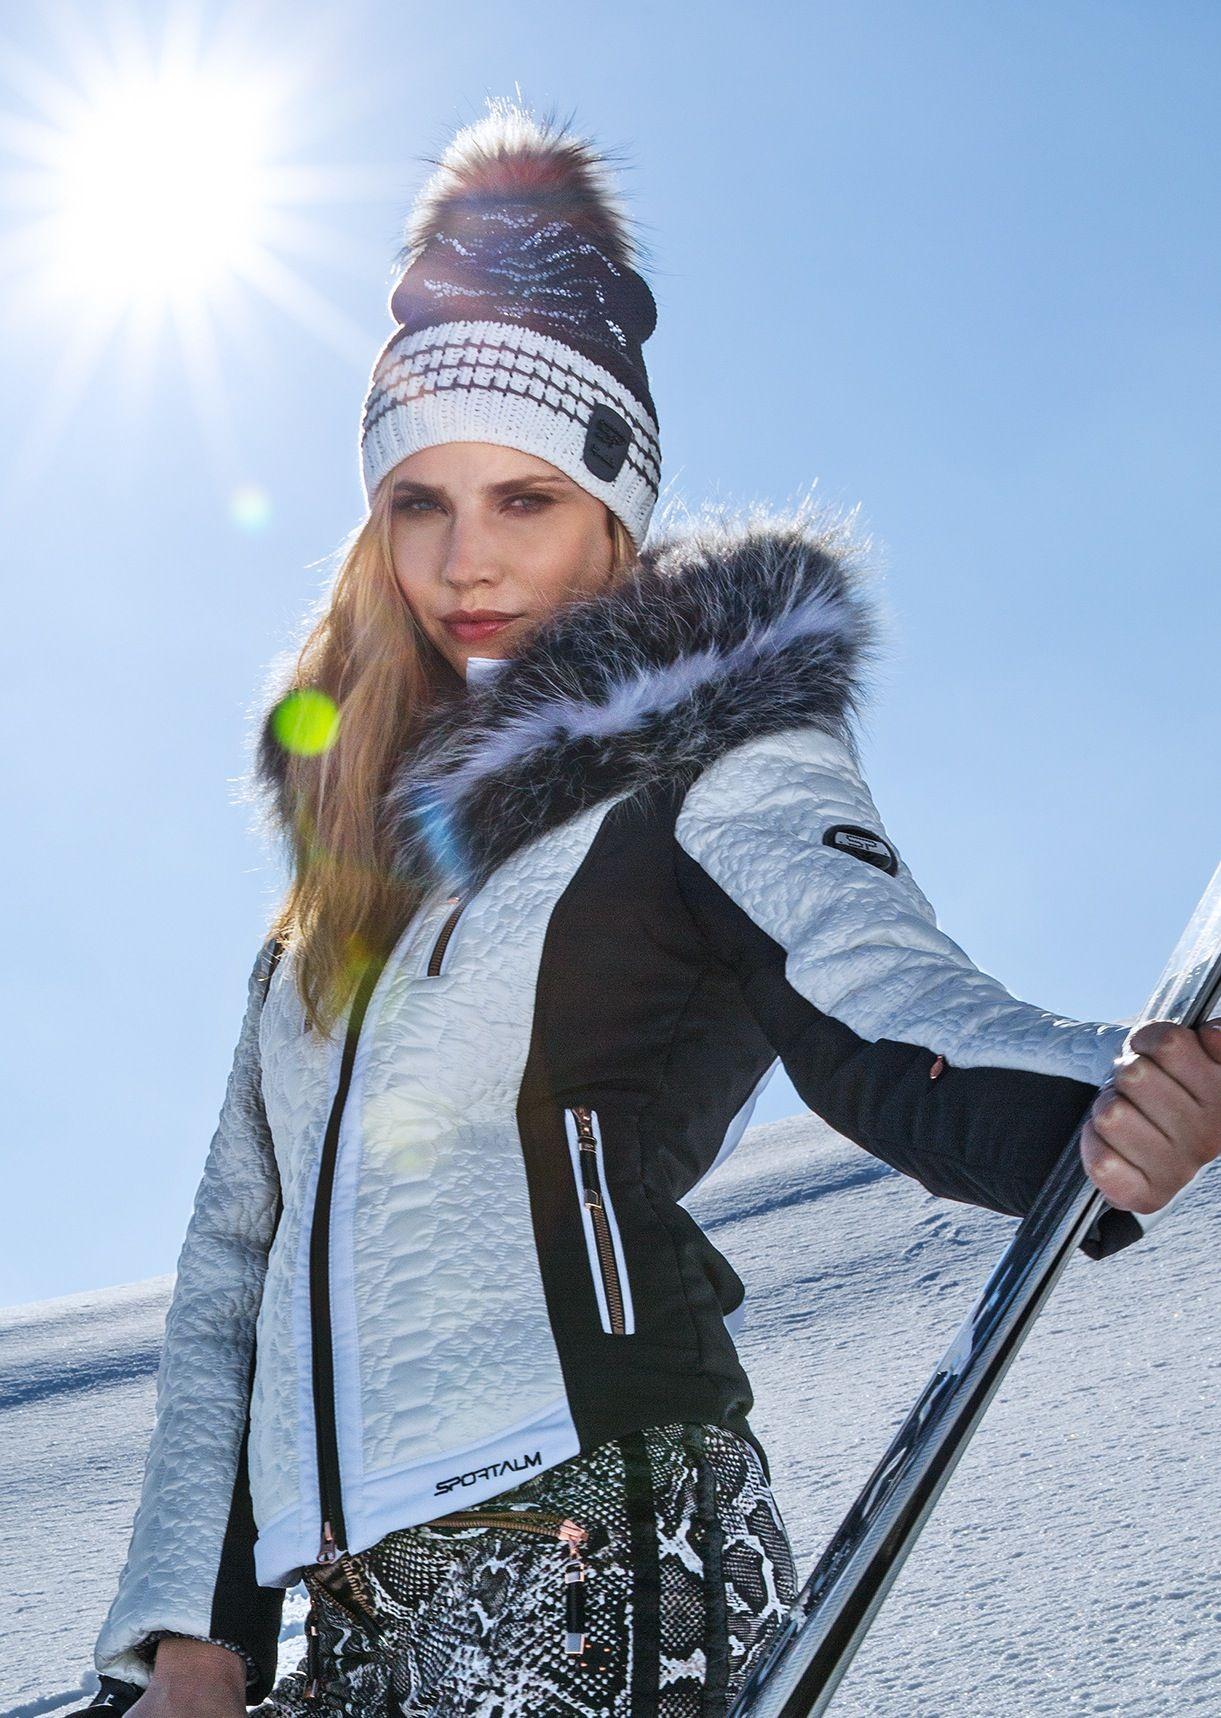 Tinka Ski Jacket For Women Skiwear Ski Skiing Women